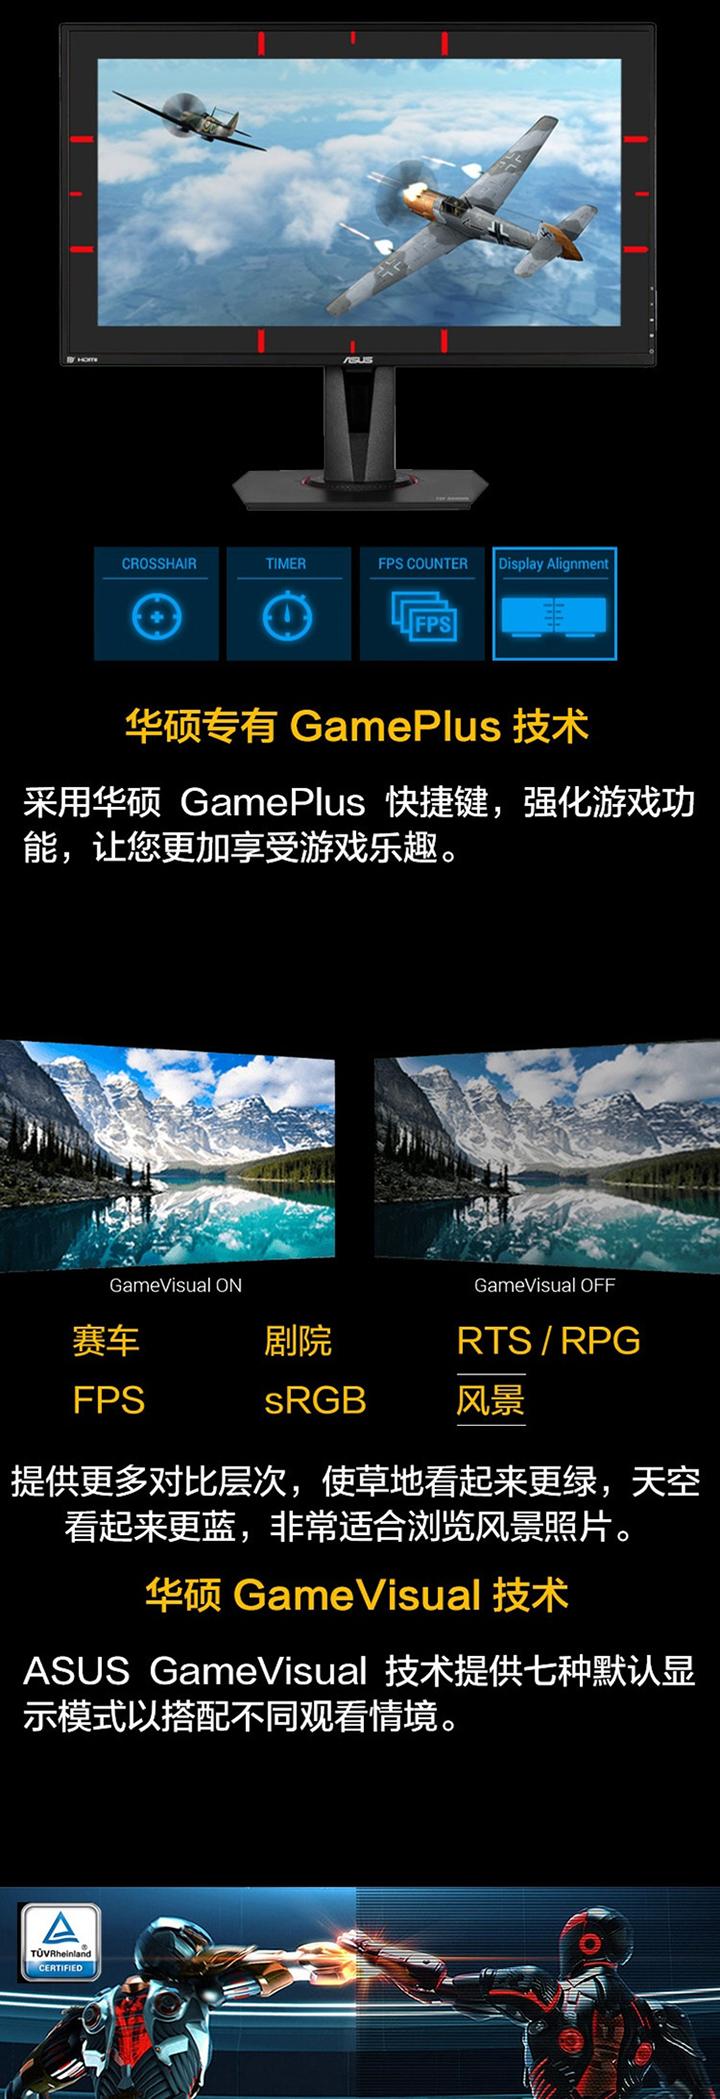 华硕VG27AQE电竞显示器免费试用,评测